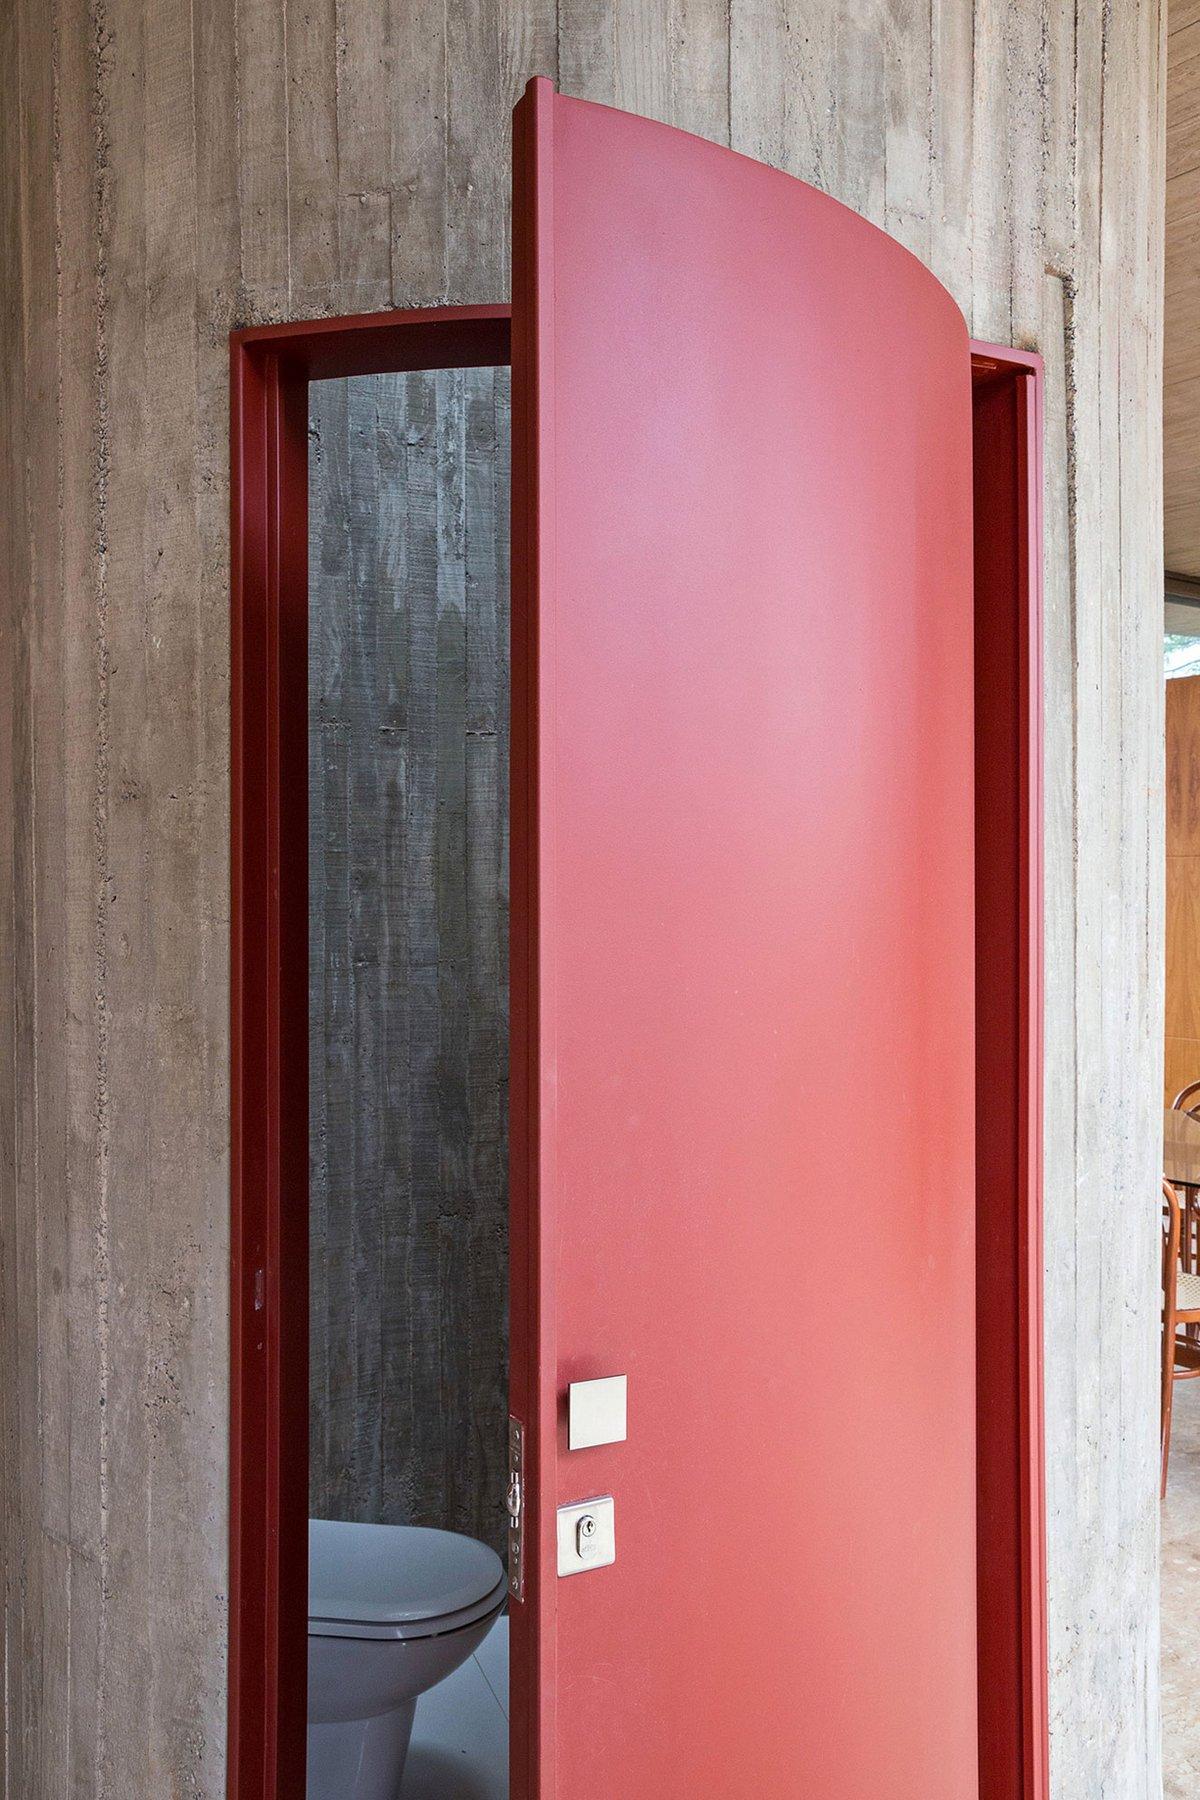 ATRIA Arquitetos, вилла бразилия, бразилия особняки, дизайн одноэтажный дом фото, оформление домашней библиотеки, перфорированное железо